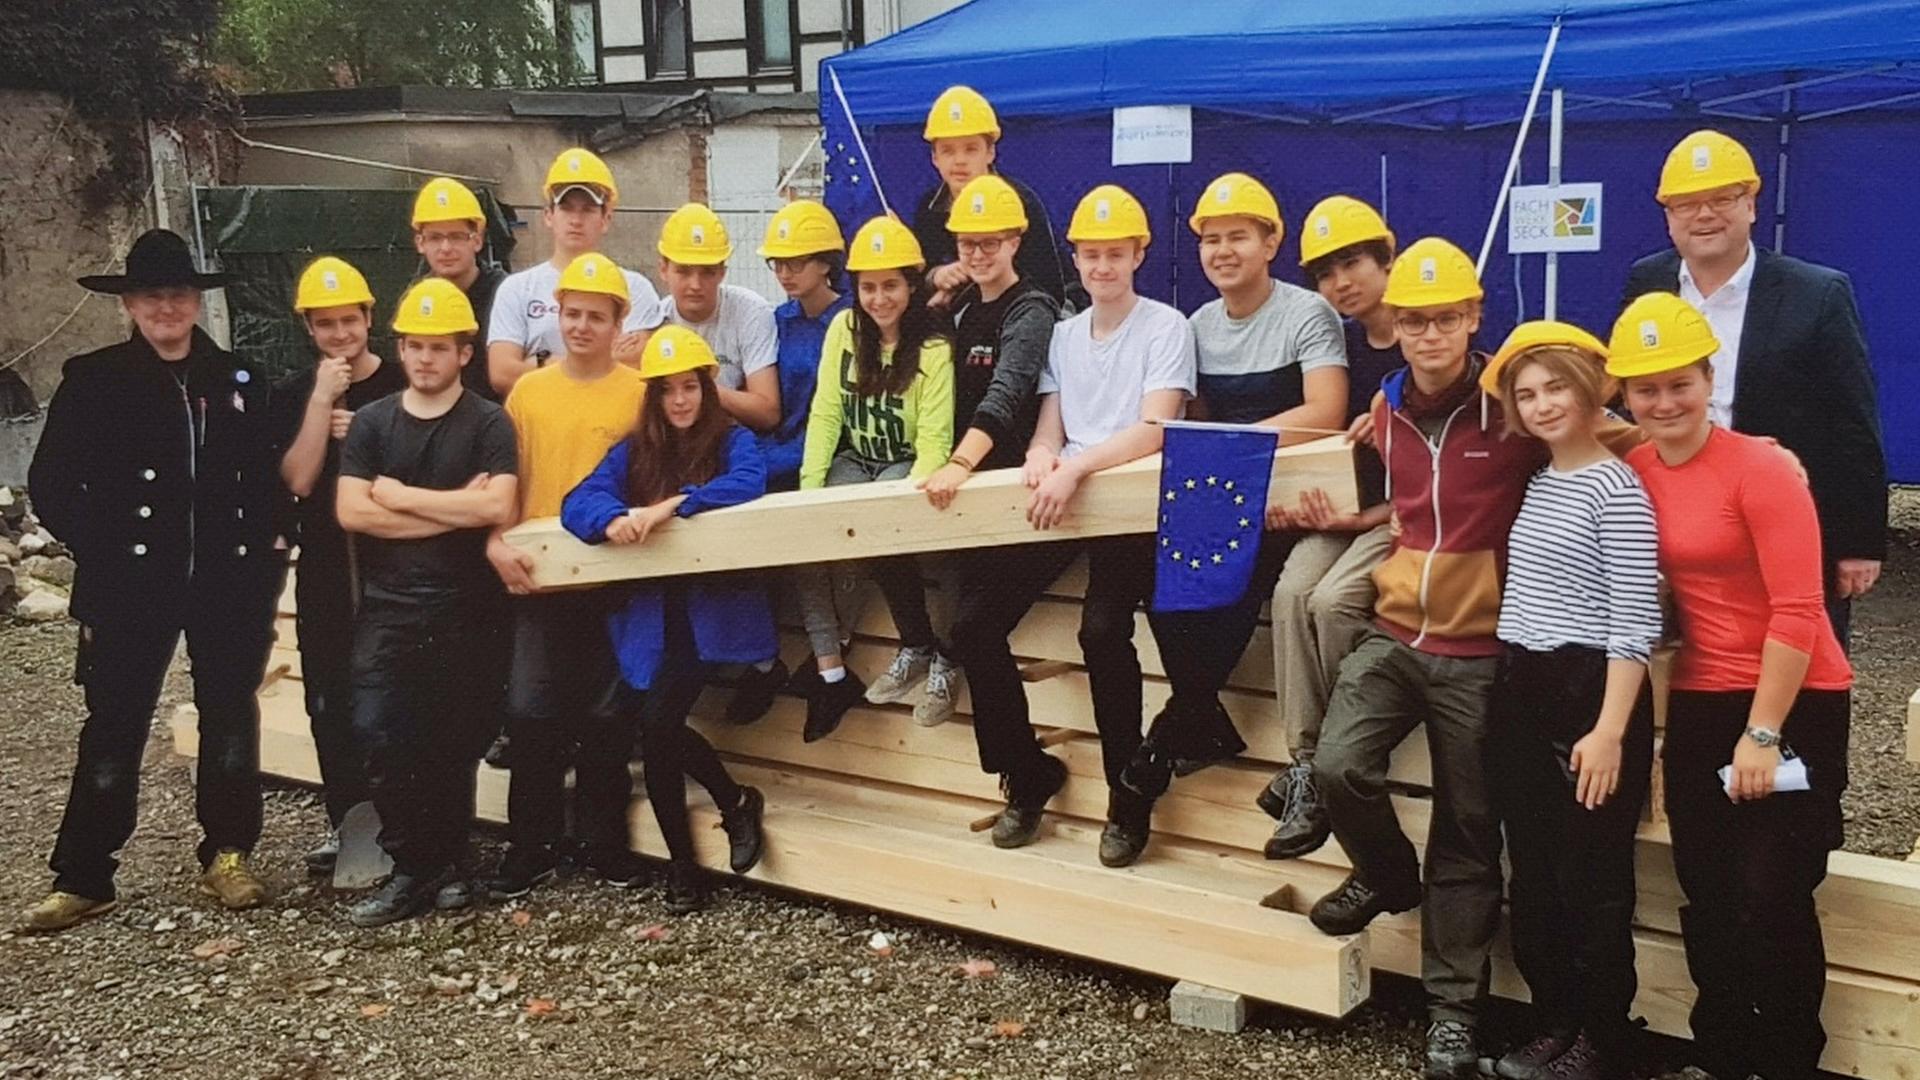 Fin de chantier avec les élèves à Osterode, 2017 (DR).